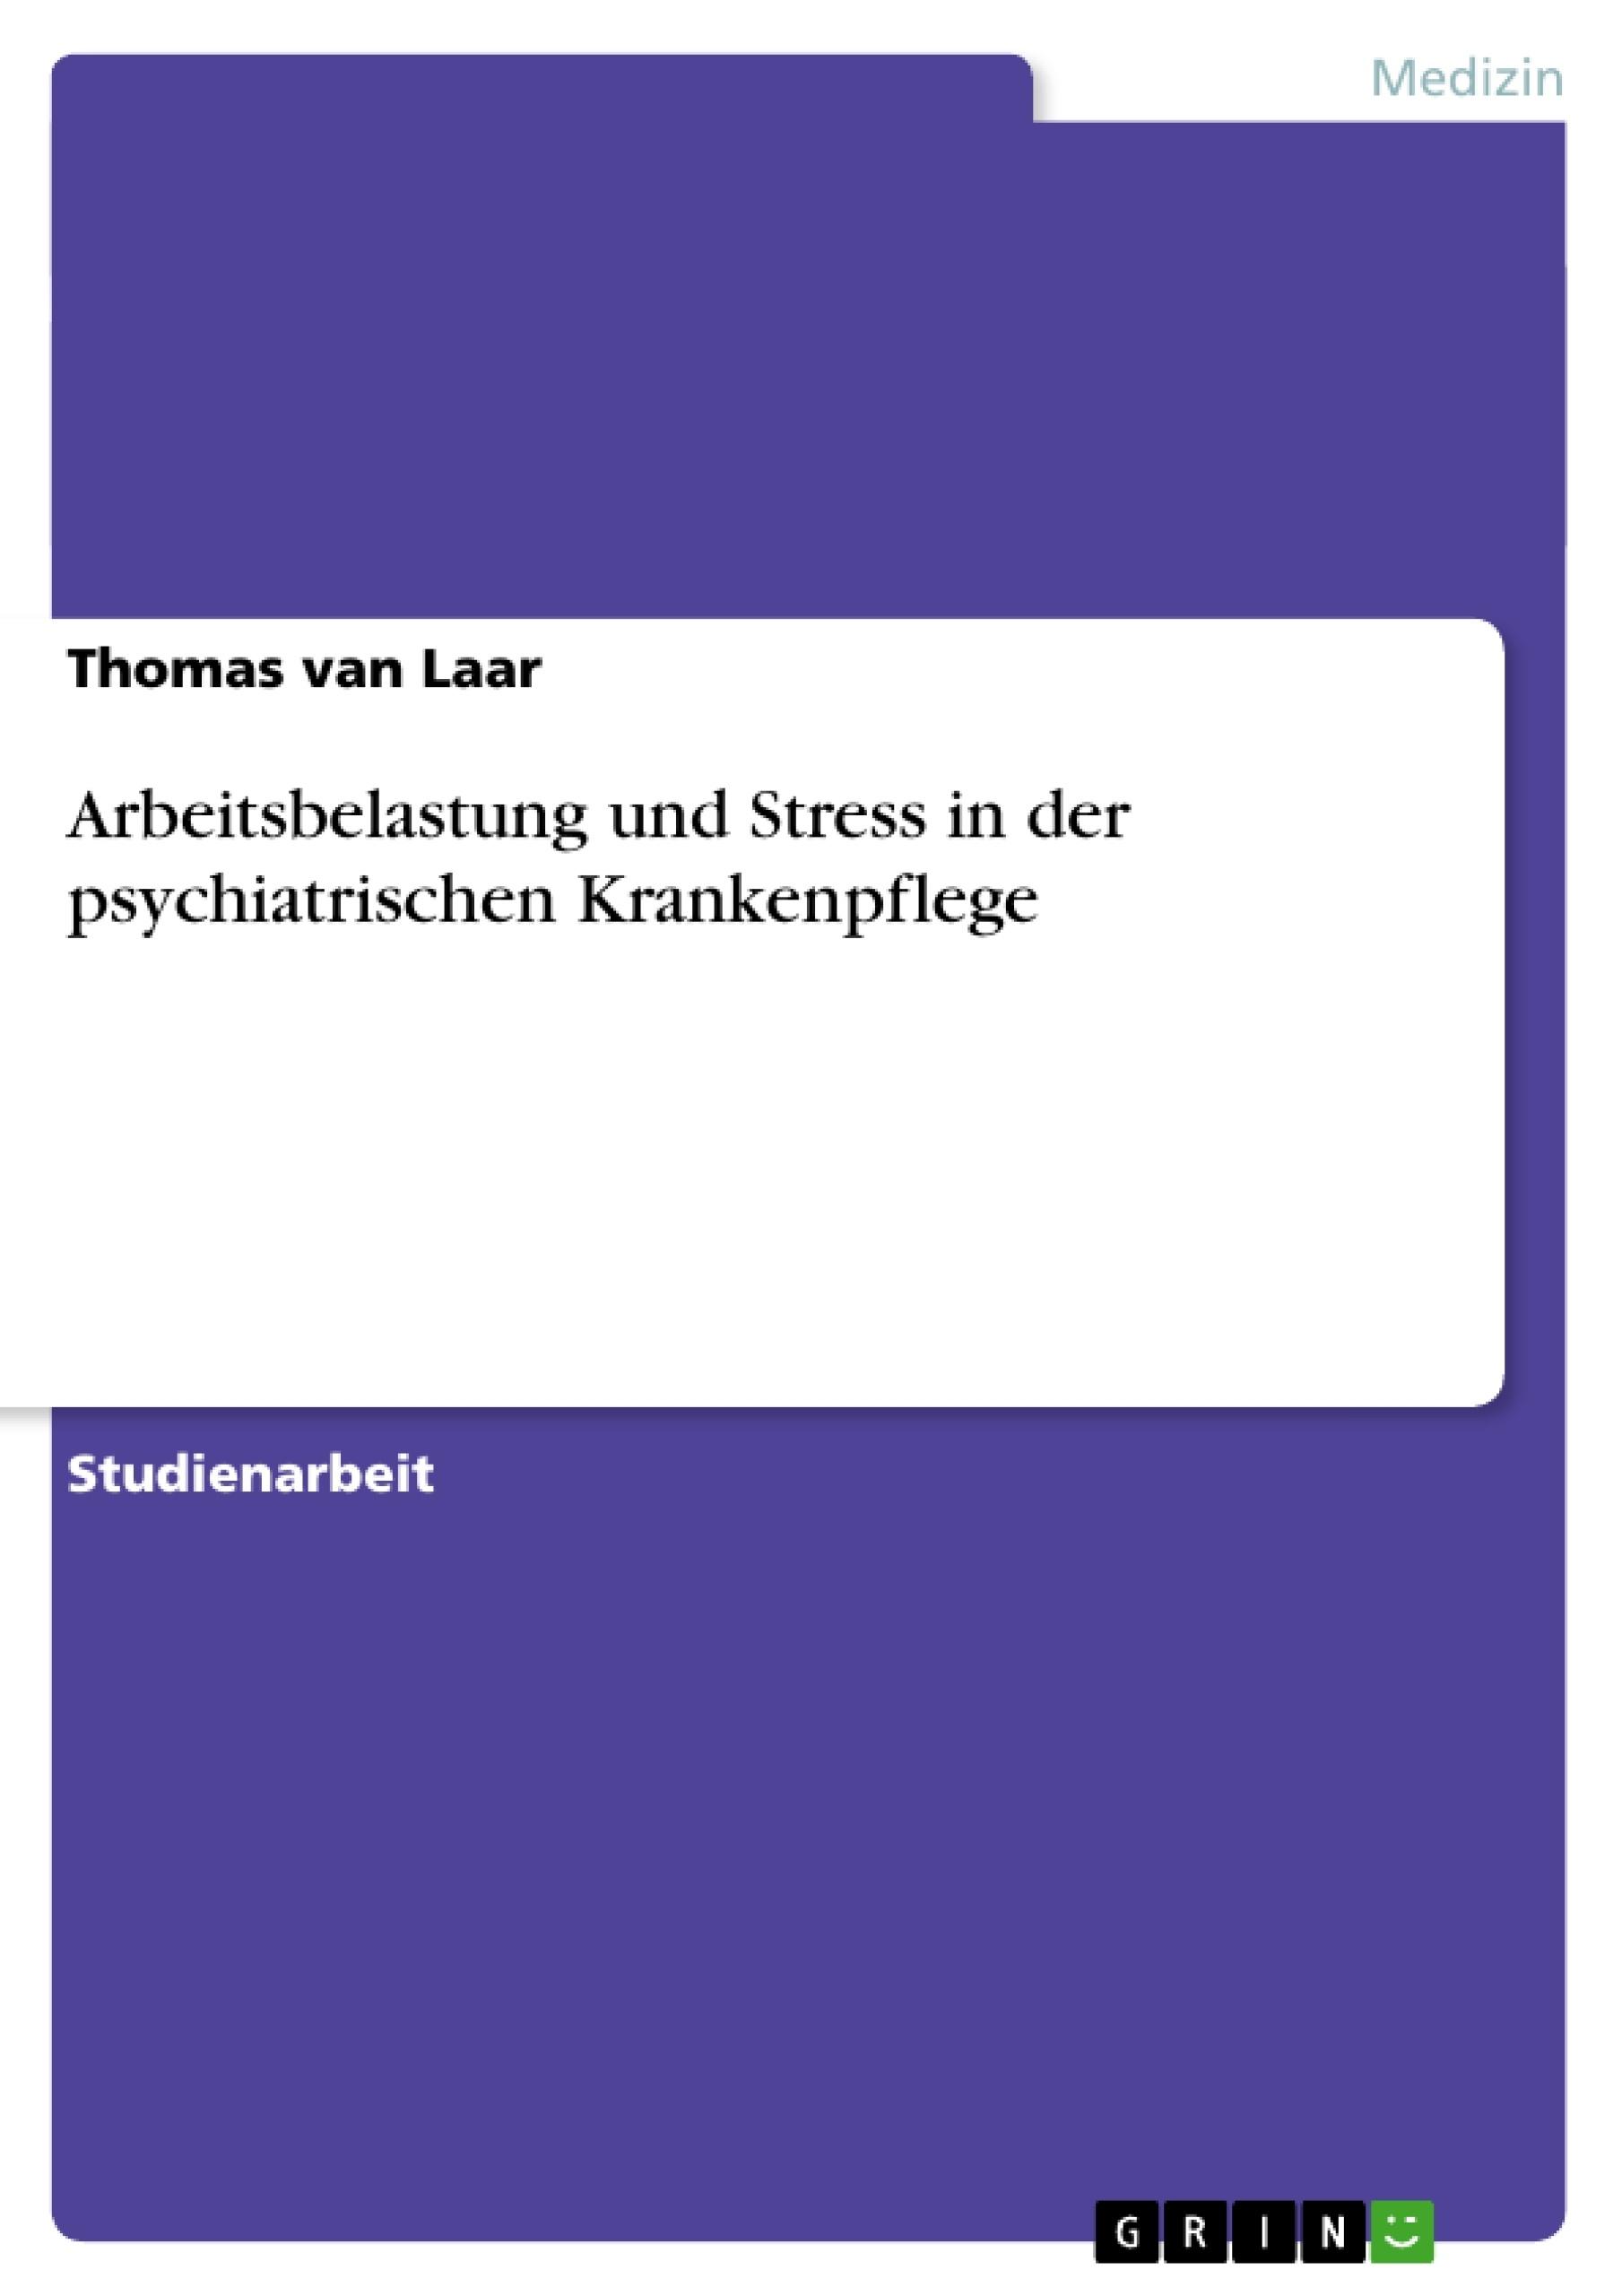 Titel: Arbeitsbelastung und Stress in der psychiatrischen Krankenpflege